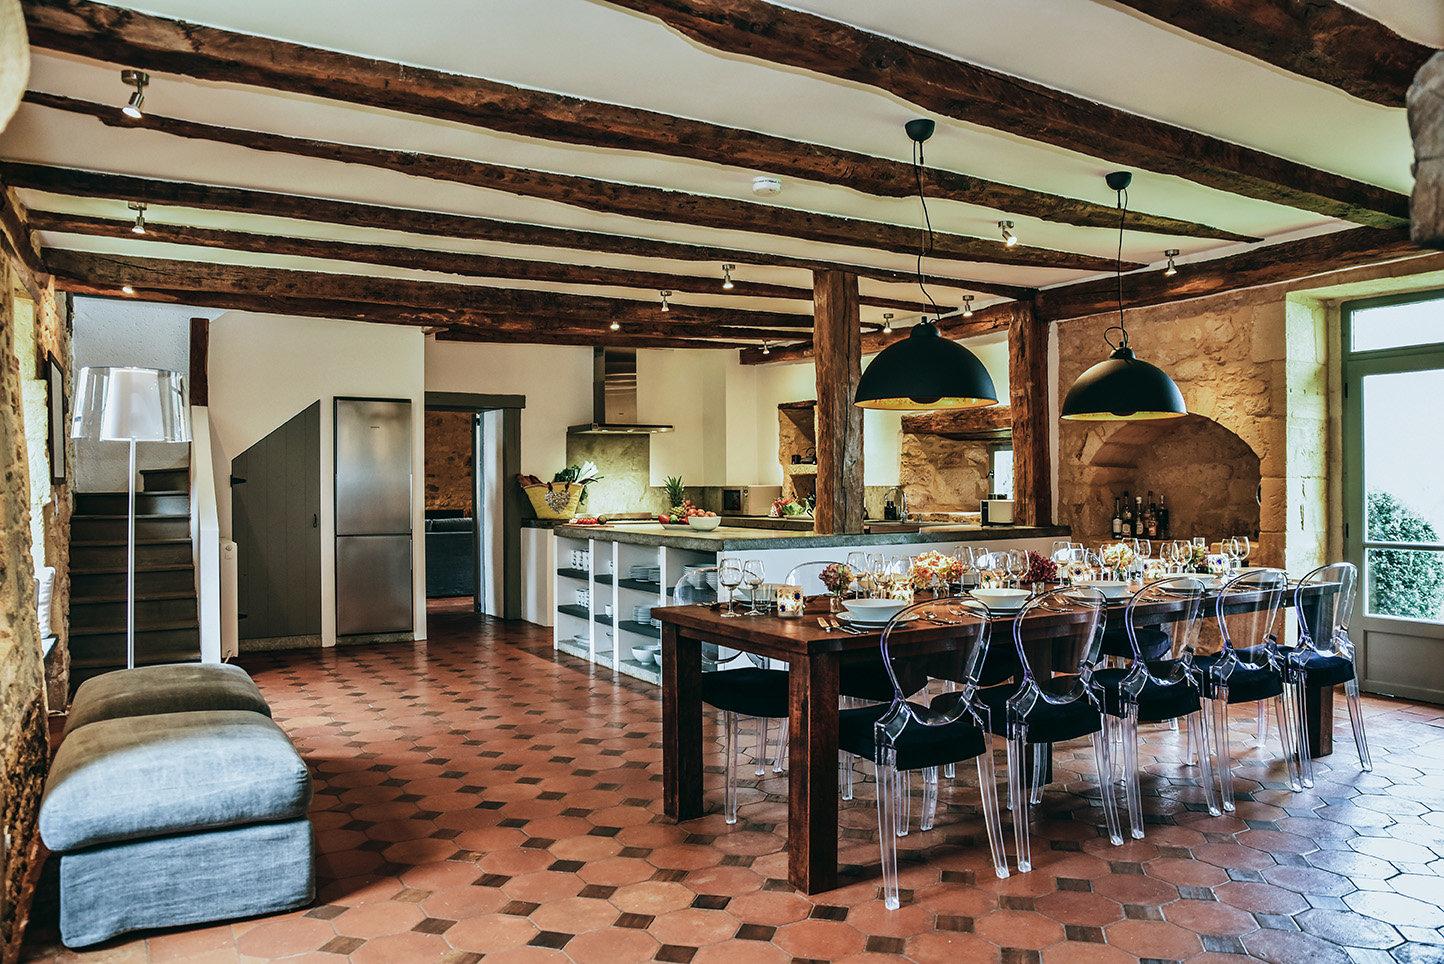 Le Mas Une Luxueuse Maison De Vacances Pouvant Accueillir Jusqu